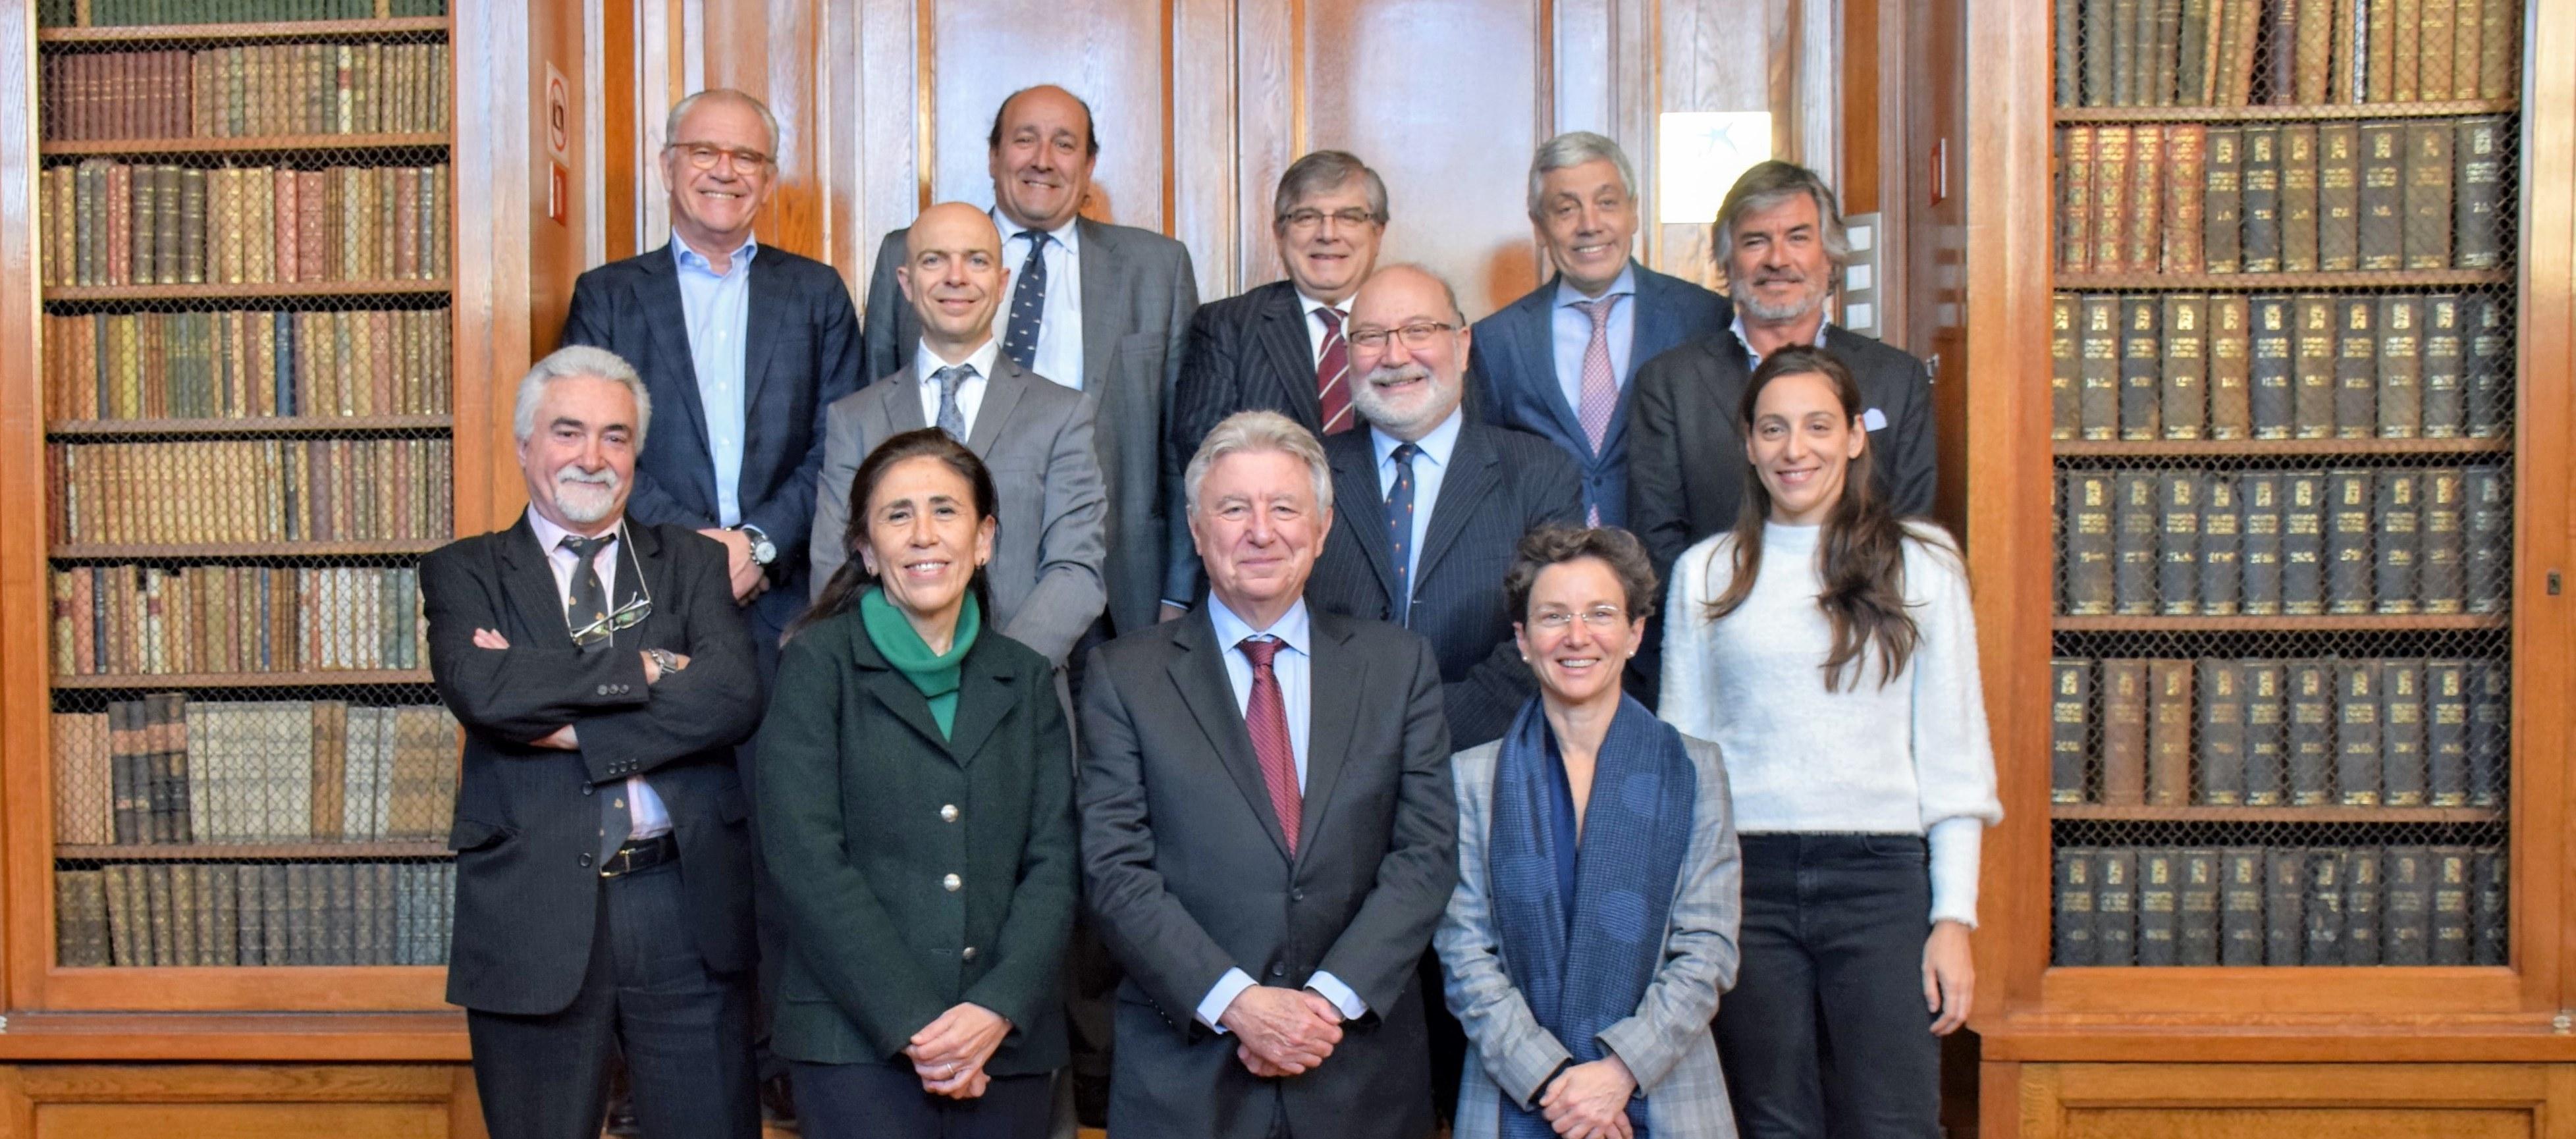 Foment considera prioritario el Plan para impulsar y modernizar los sectores industriales y logísticos de Cataluña